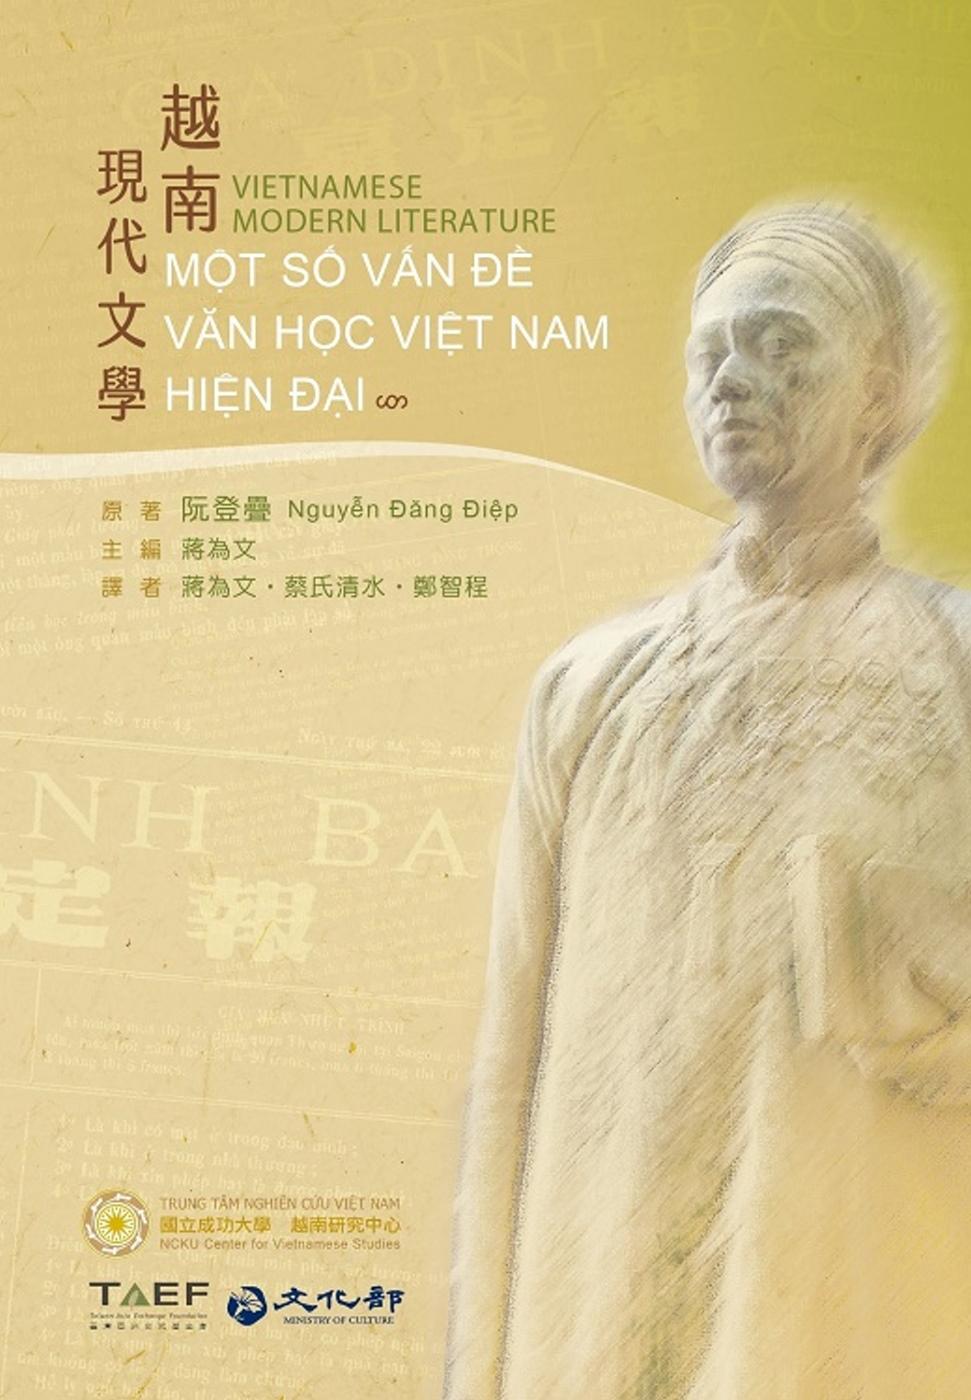 越南現代文學